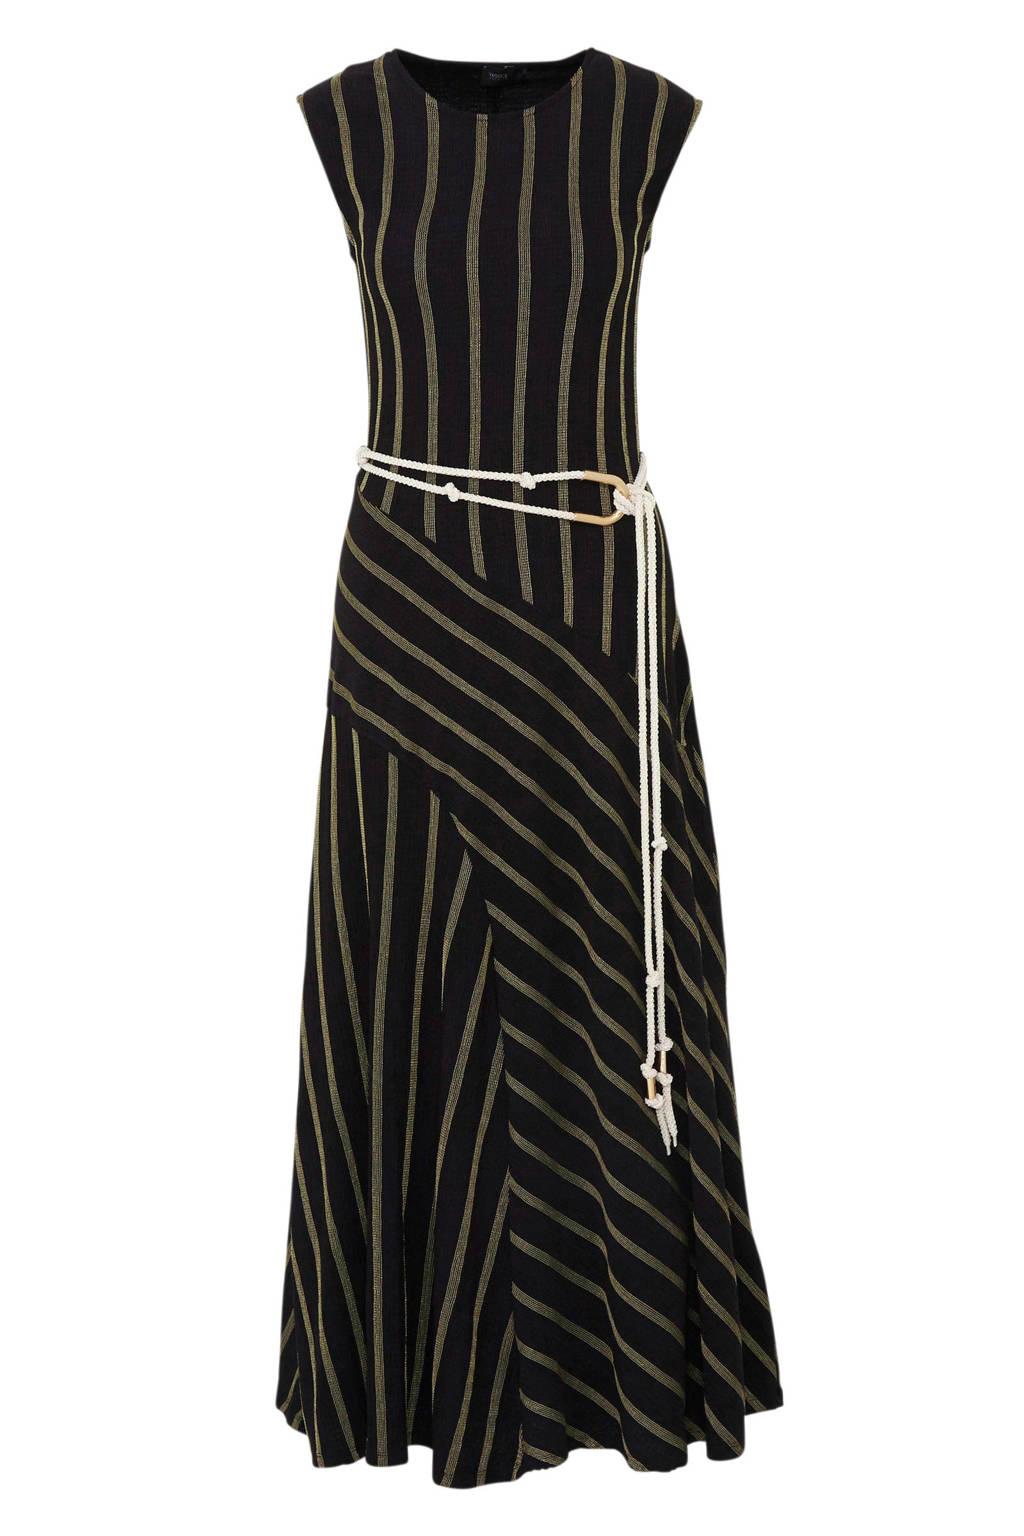 C&A gestreepte maxi jurk zwart, Zwart/goud